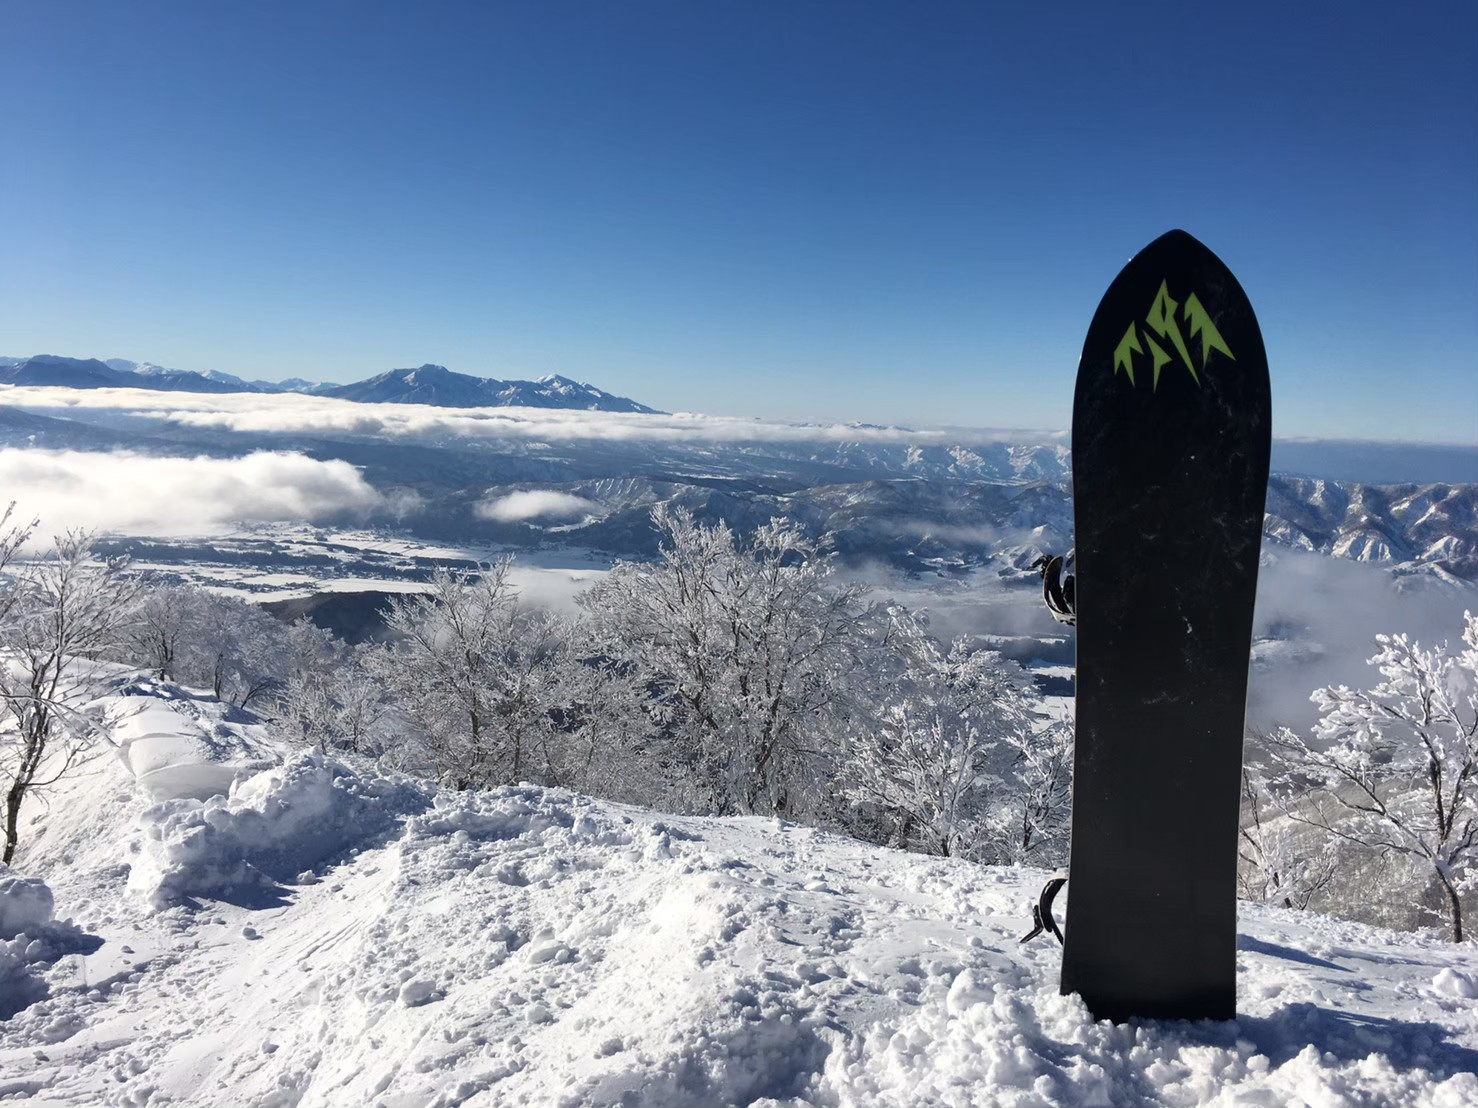 People skiing at Nozawa Onsen Mountains